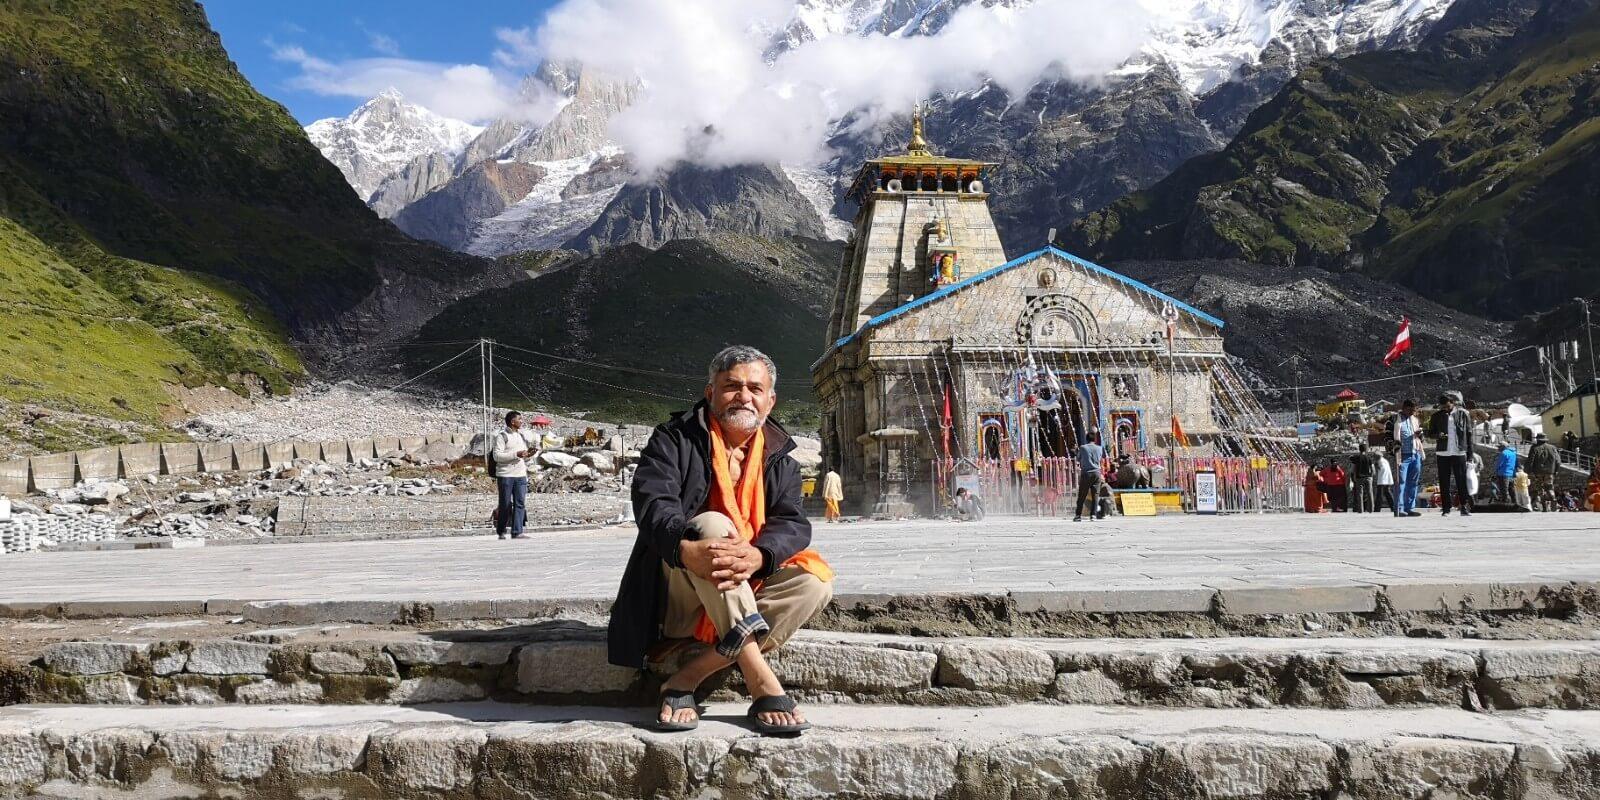 Sukumar from Canada at Kedarnath